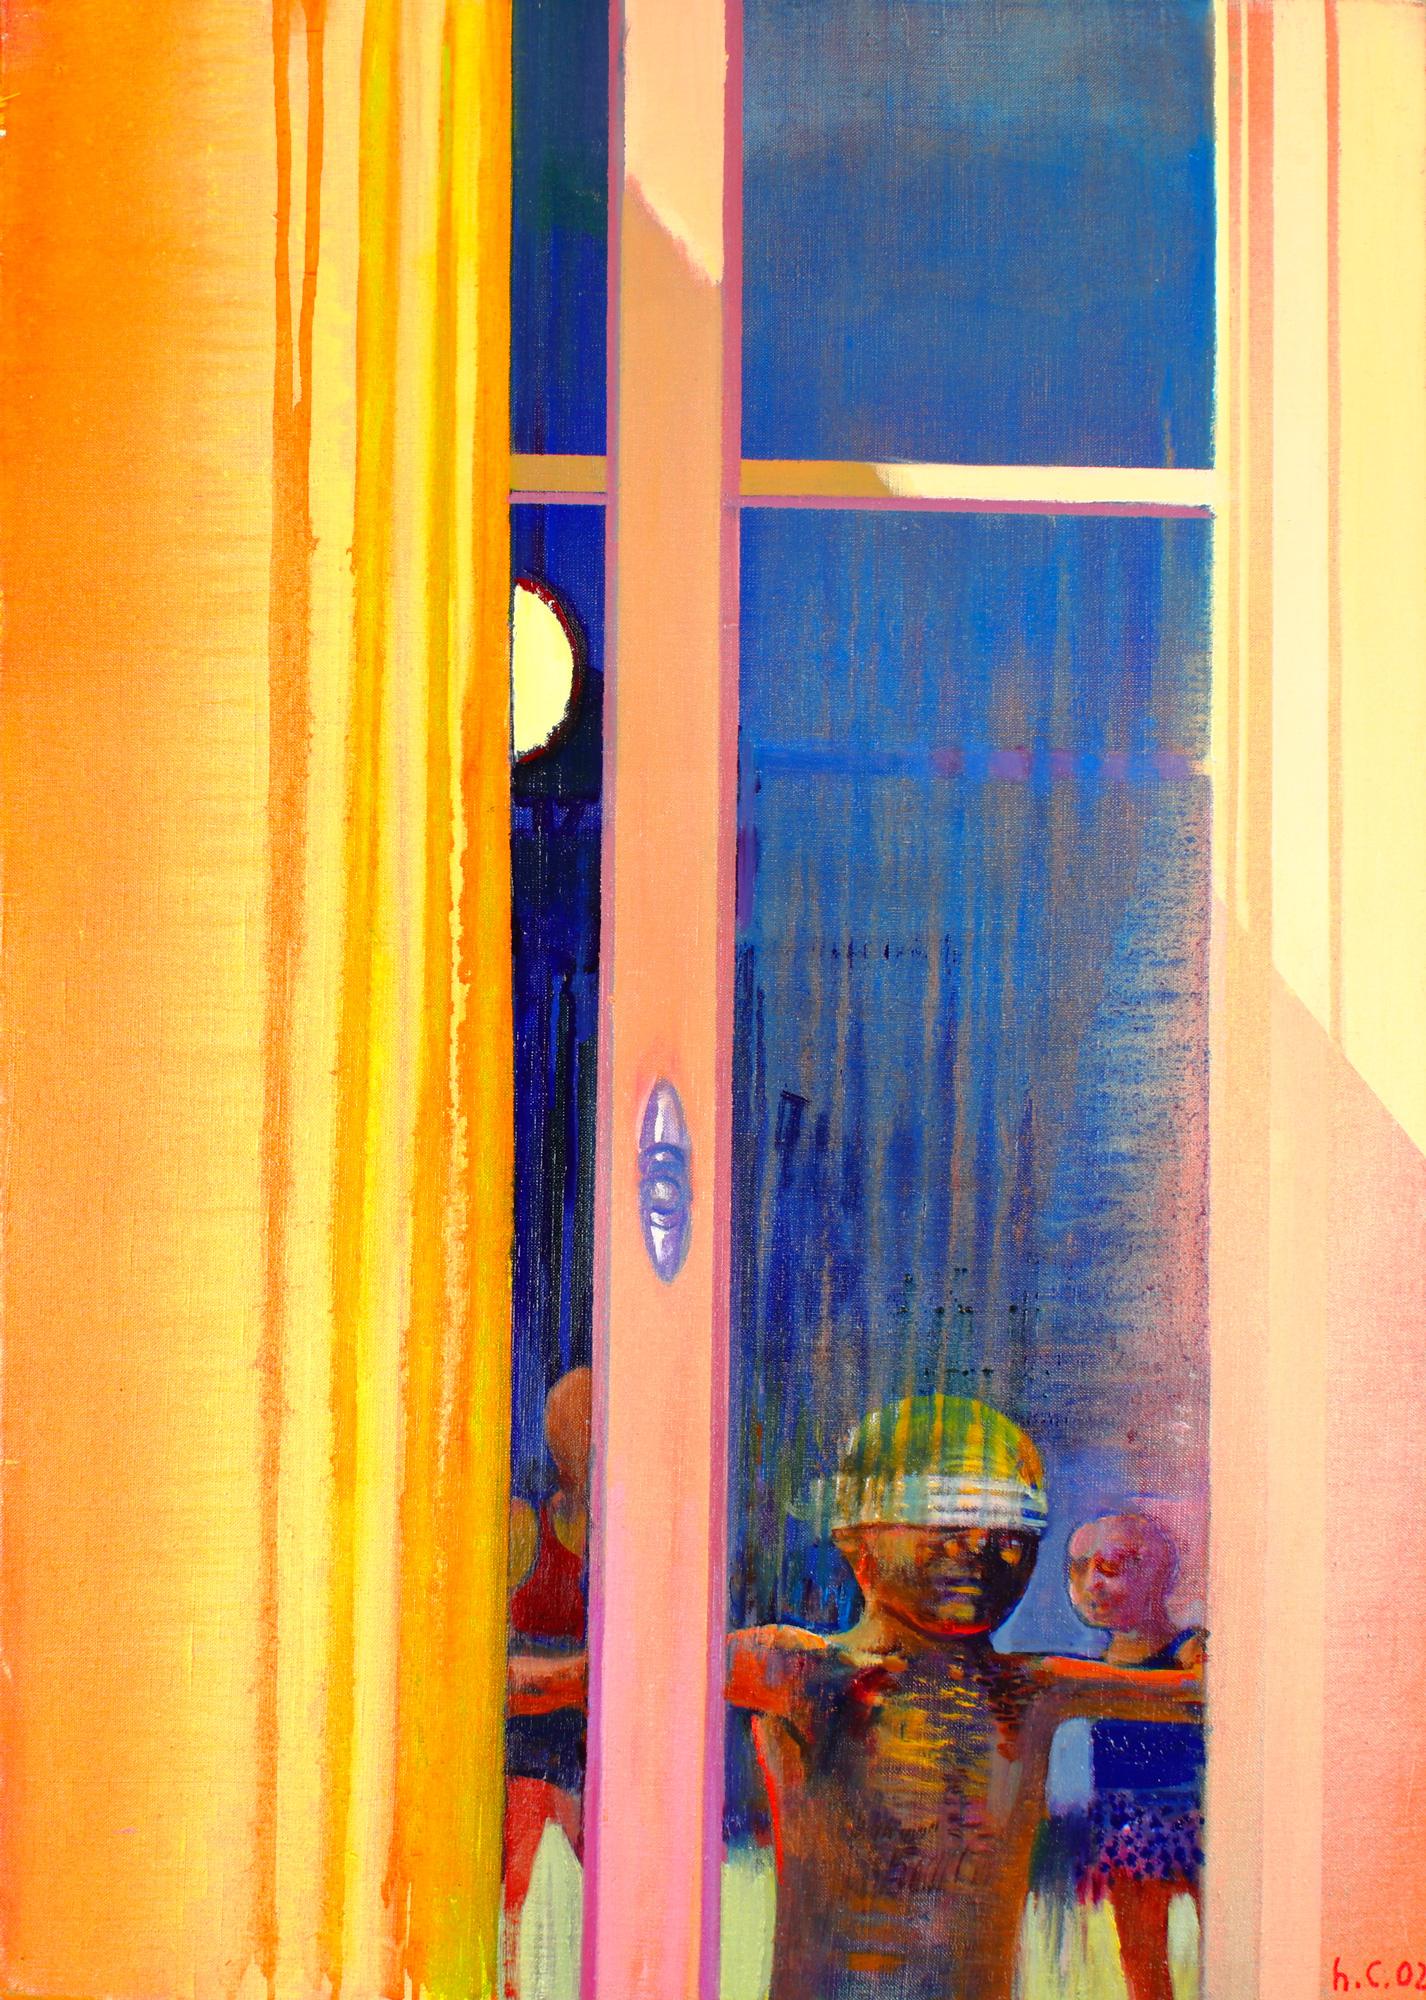 Leonardo Cremonini - Les jeux tardifs, huile sur toile (2002)